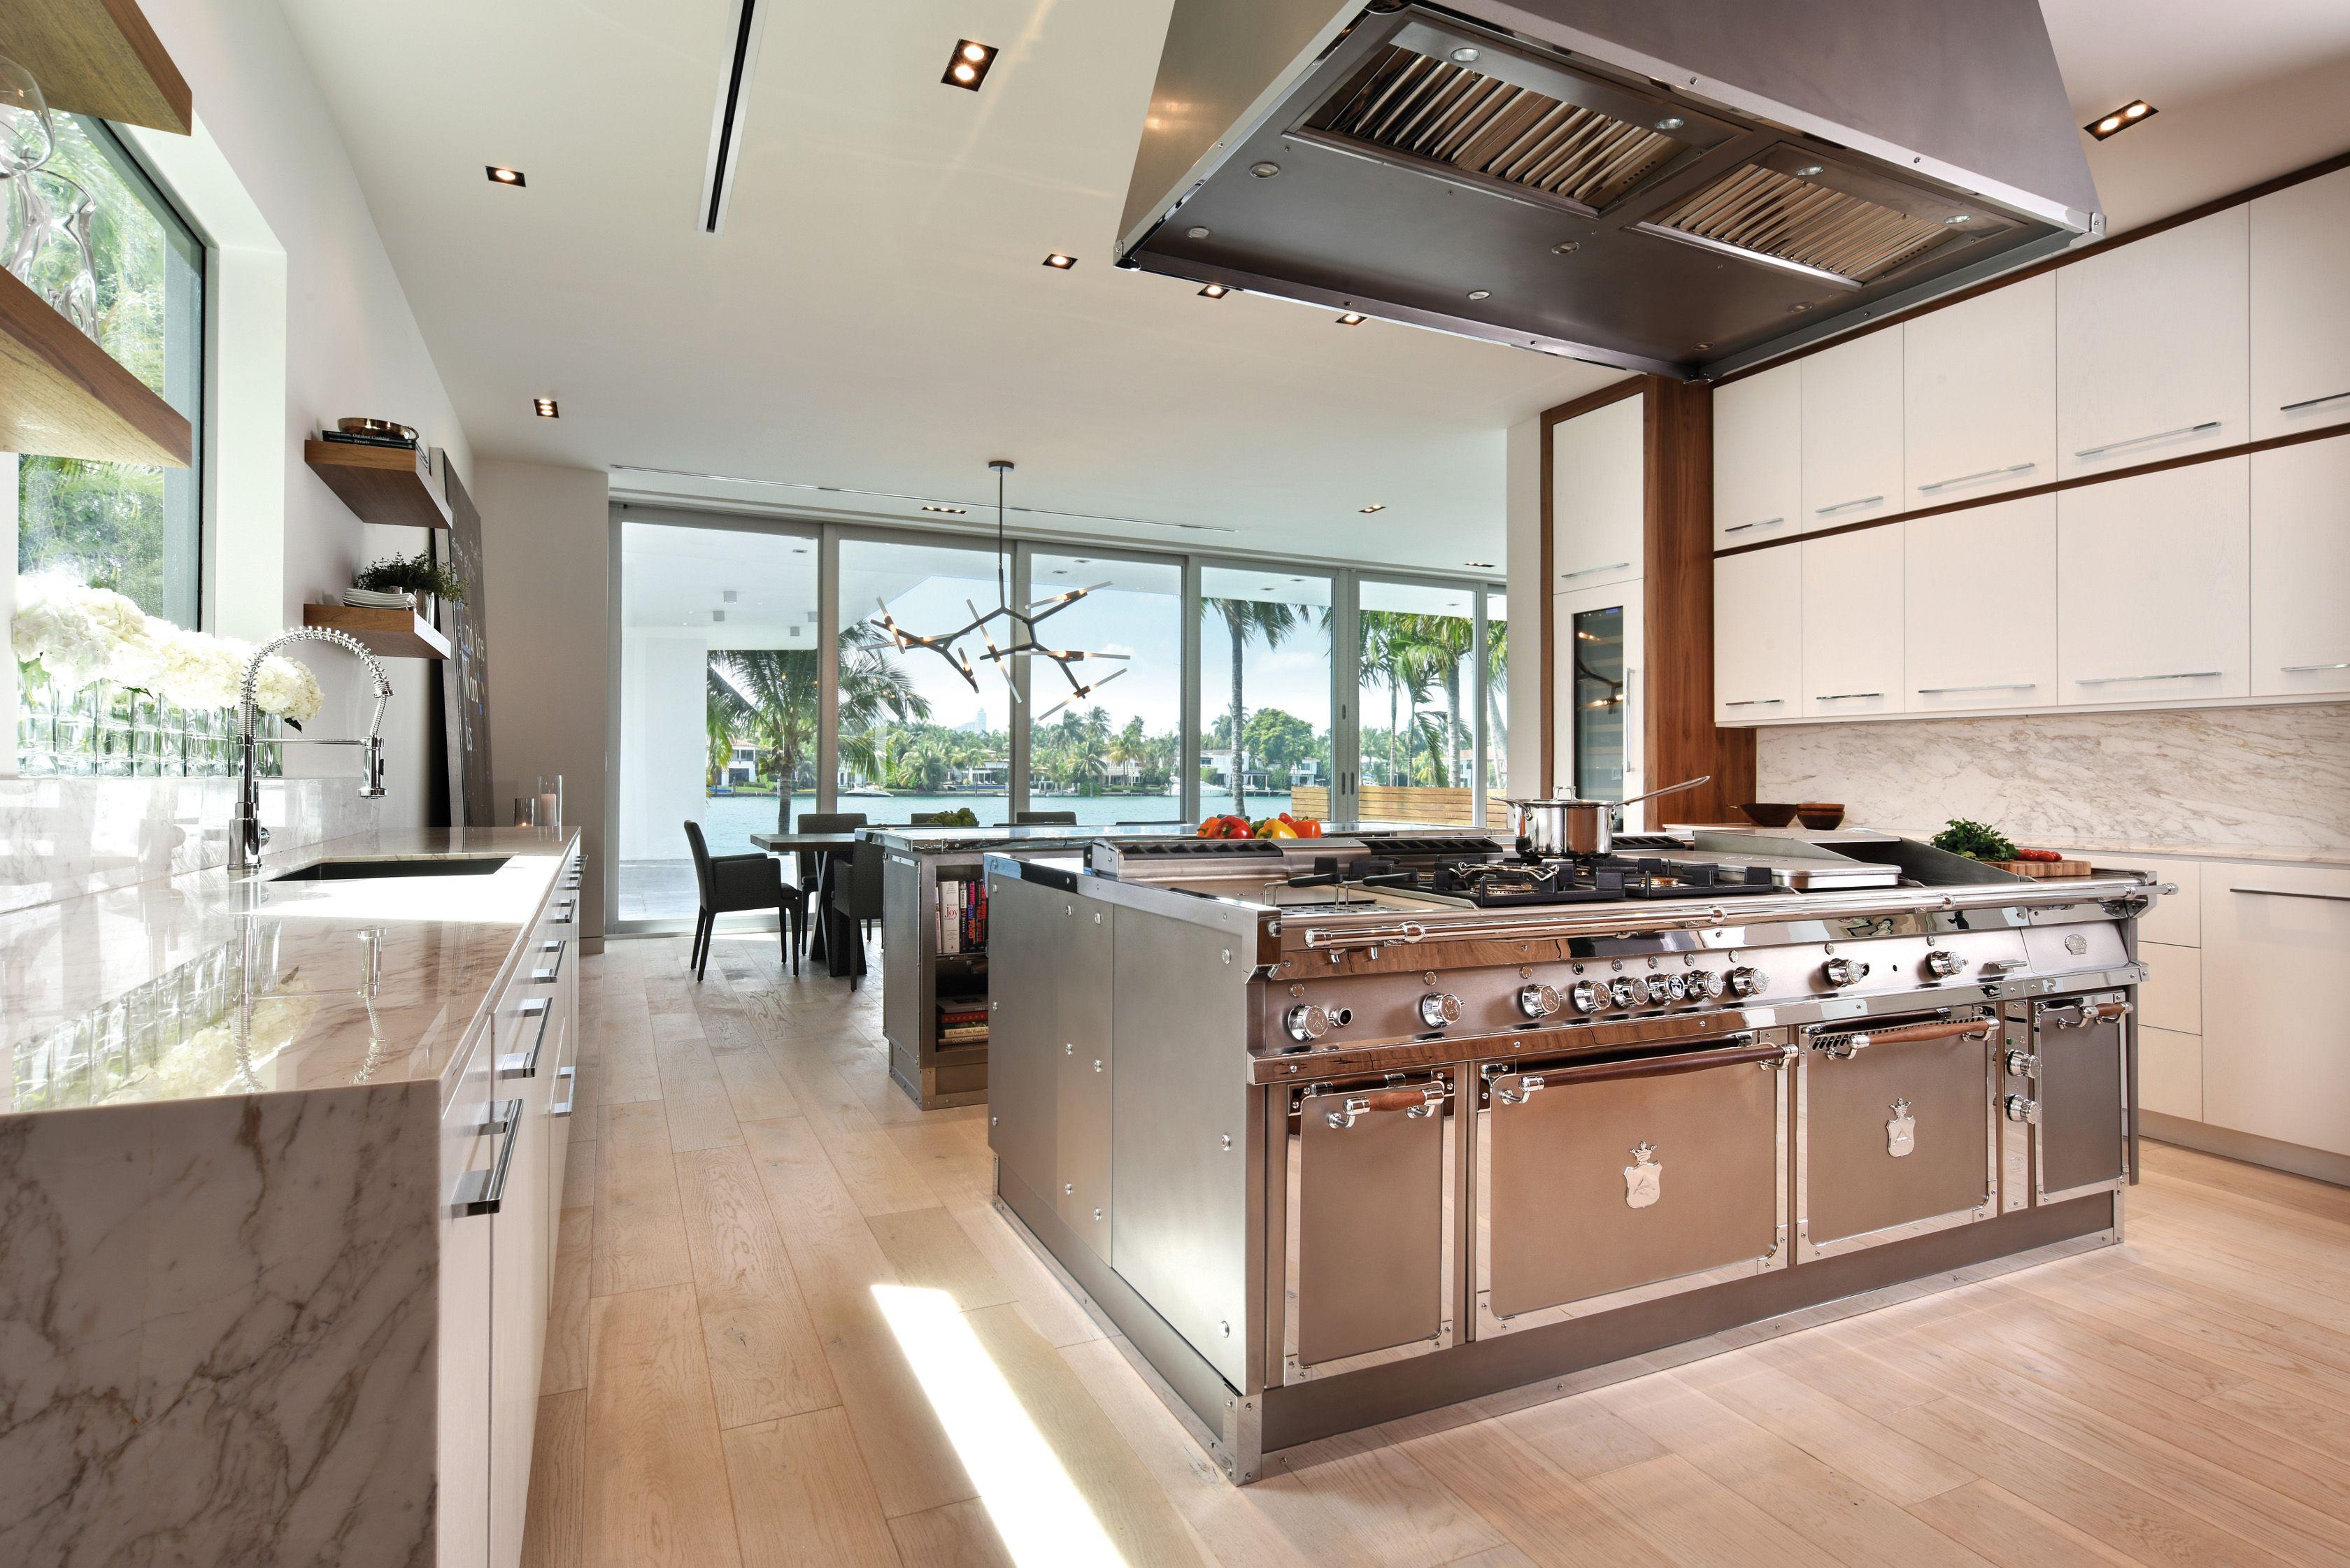 Cucina in acciaio inox con isola MIAMI By Officine Gullo